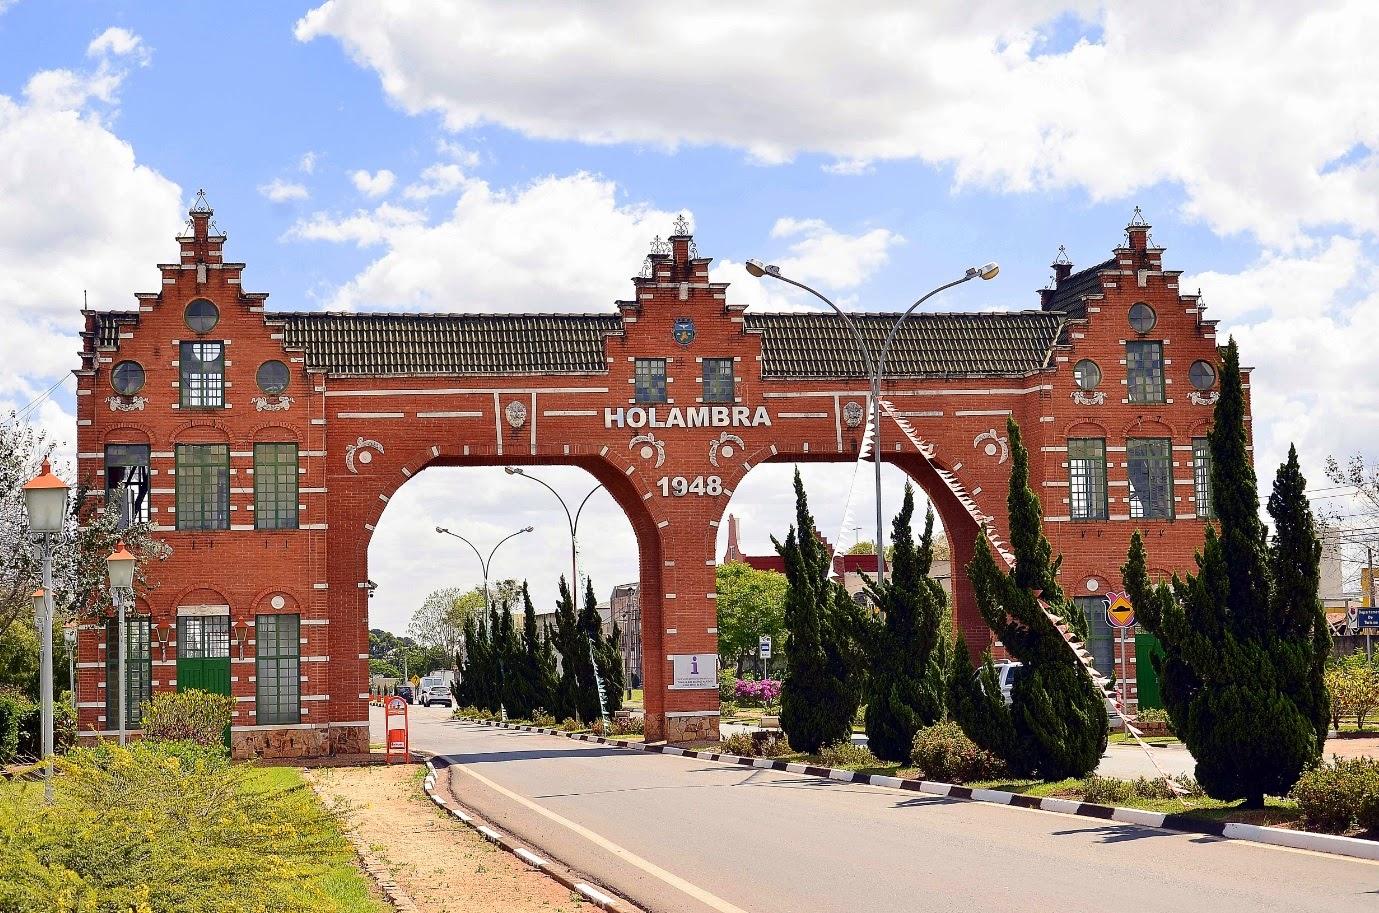 O principal portal de acesso à Holambra possui um estilo arquitetônico fiel às tradições culturais dos países baixos da Europa.